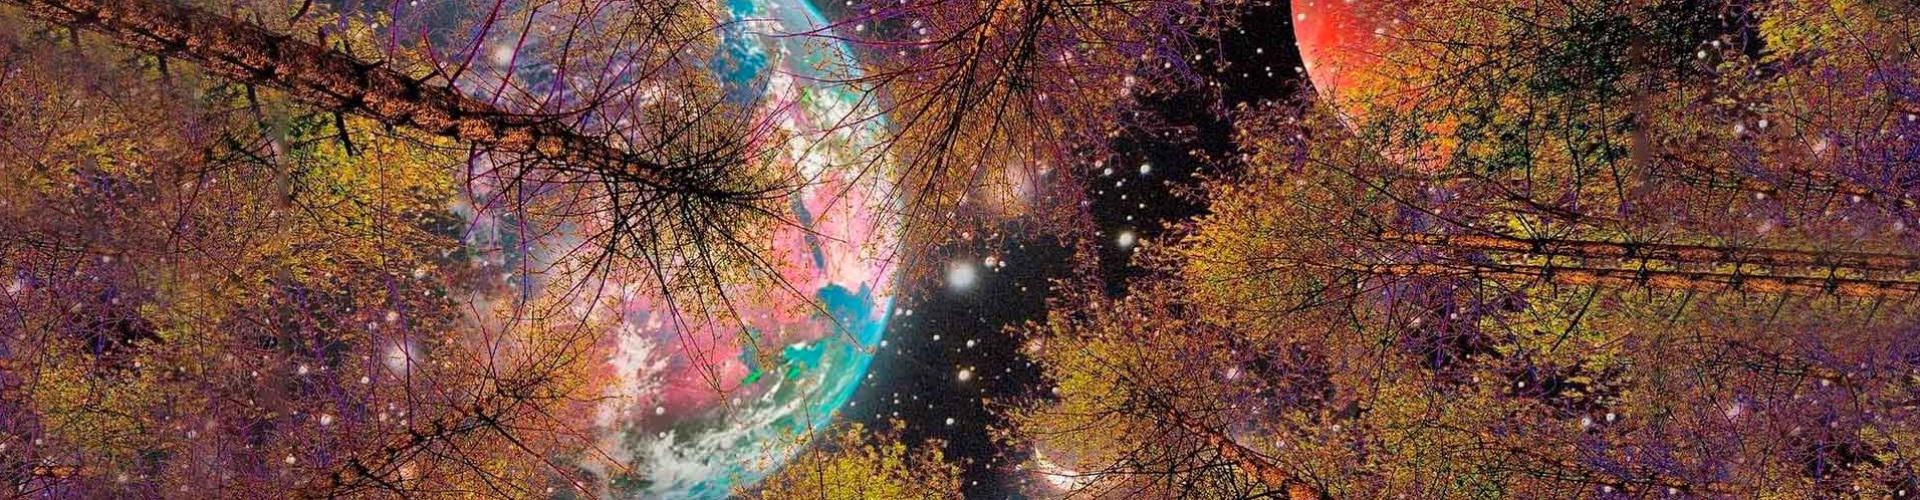 Mit mondanak a csillagok?